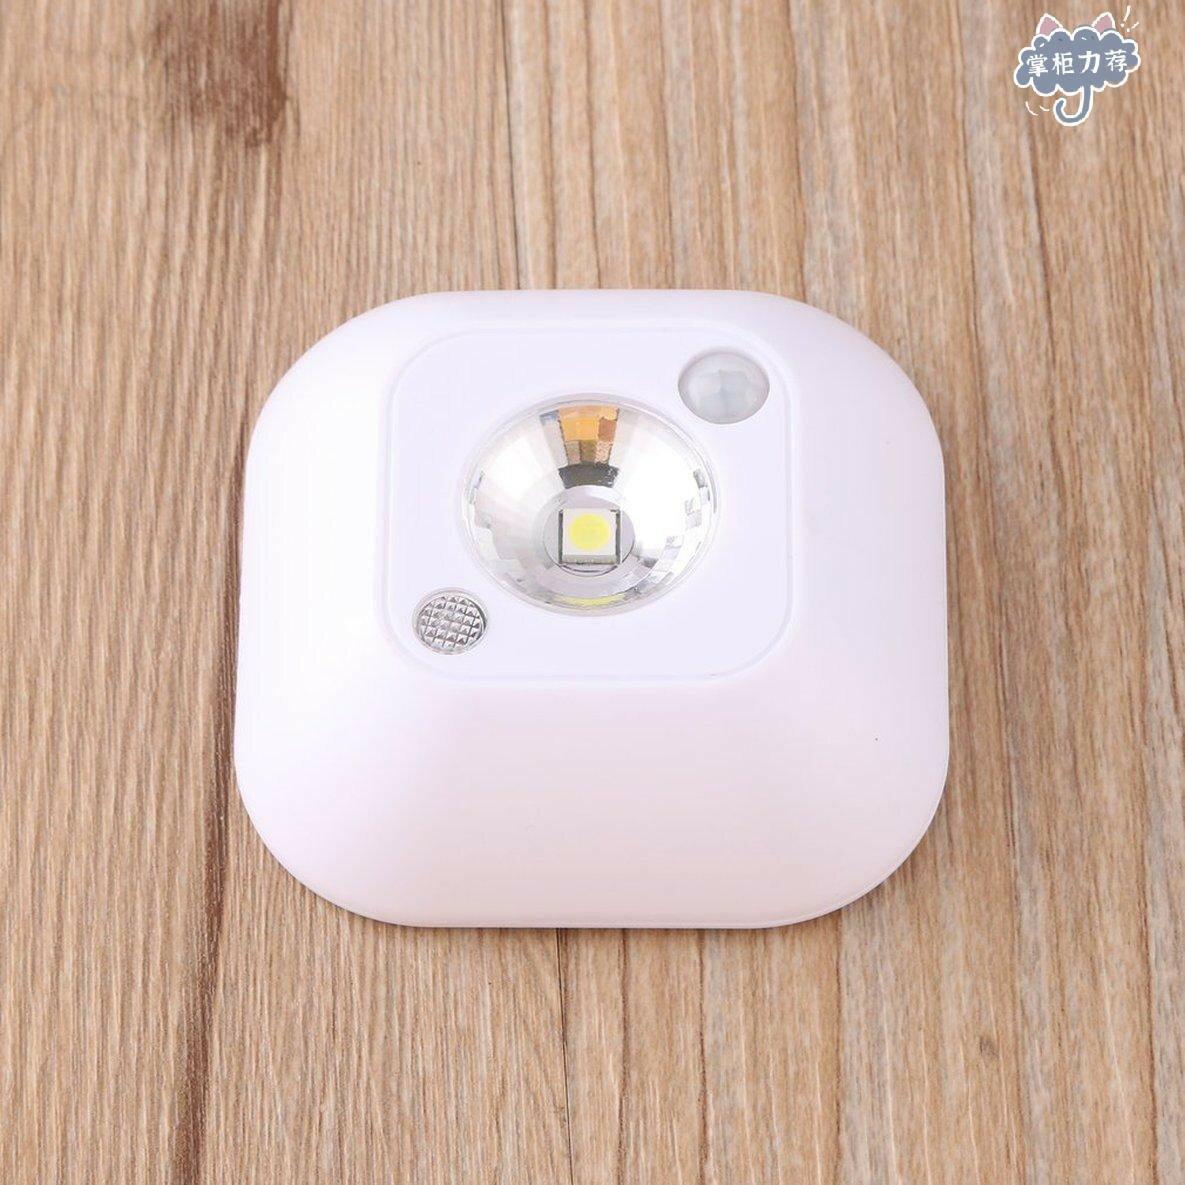 【全館免運】超亮度小型人體感應燈迷你壁燈燈具新品上架